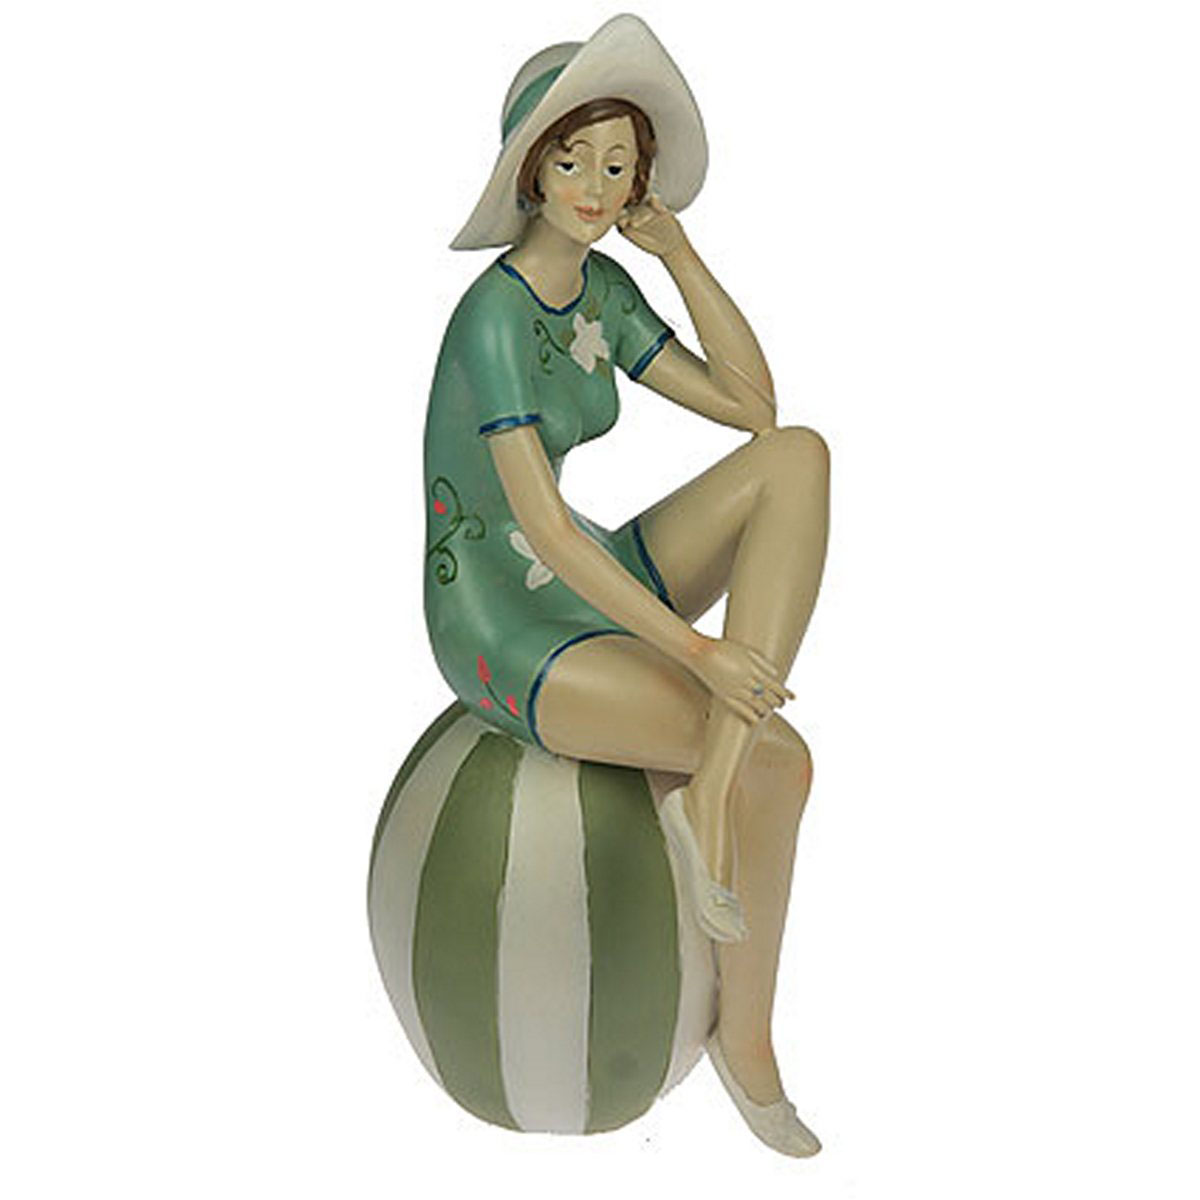 Статуэтка Русские Подарки Девушка на пляже, 15 х 11 х 30 см12723Статуэтка Русские Подарки Девушка на пляже, изготовленная изполистоуна, имеет изысканный внешний вид. Изделие станет прекрасным украшением интерьерагостиной, офиса или дома. Вы можете поставить статуэтку влюбое место, где она будет удачно смотреться и радоватьглаз. Правила ухода: регулярно вытирать пыль сухой, мягкой тканью.